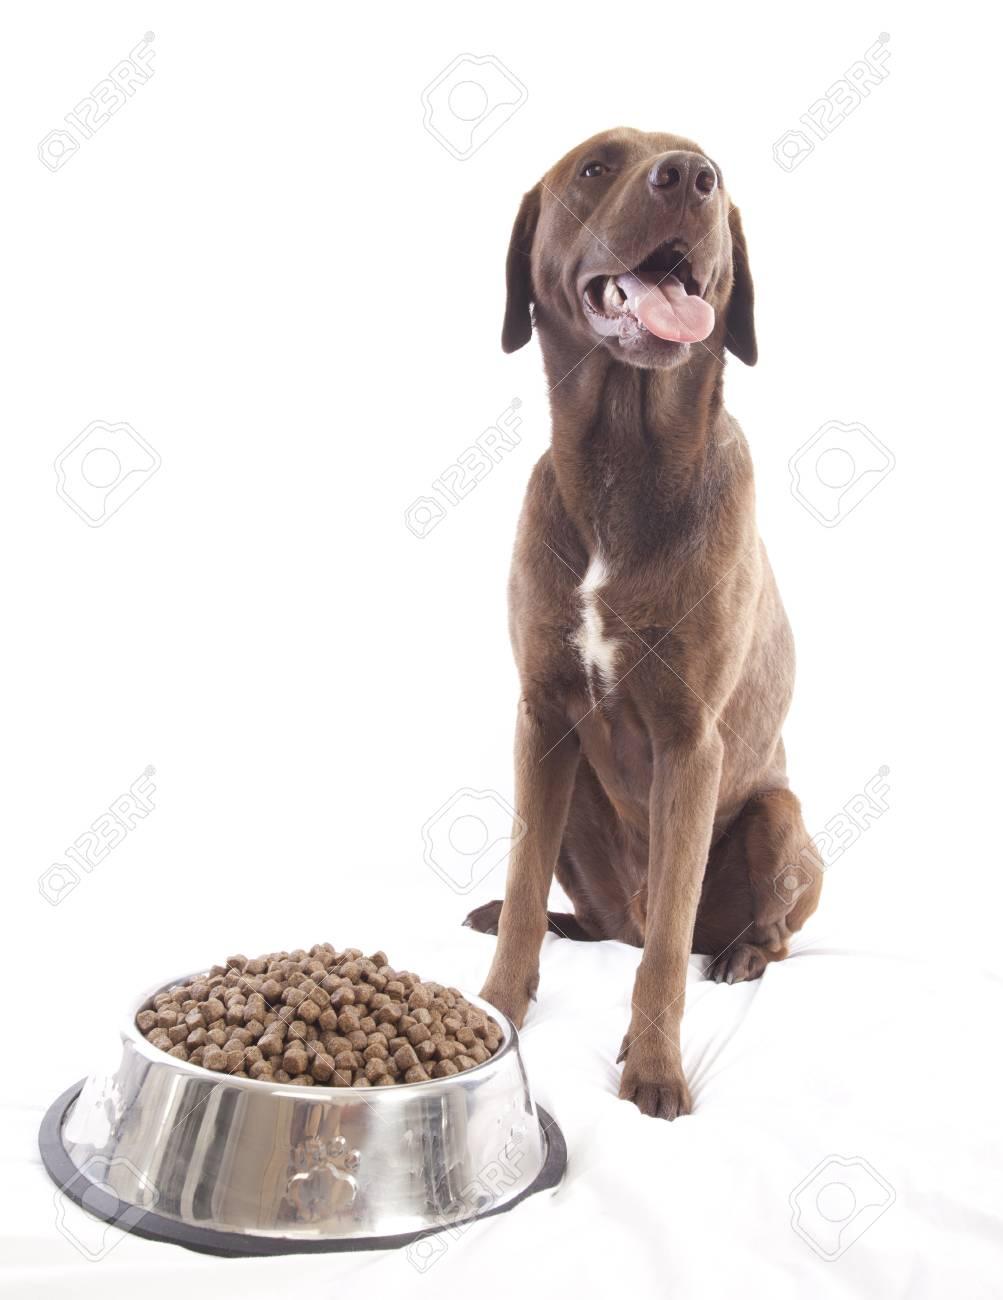 labrador retriever on white background Stock Photo - 14387363